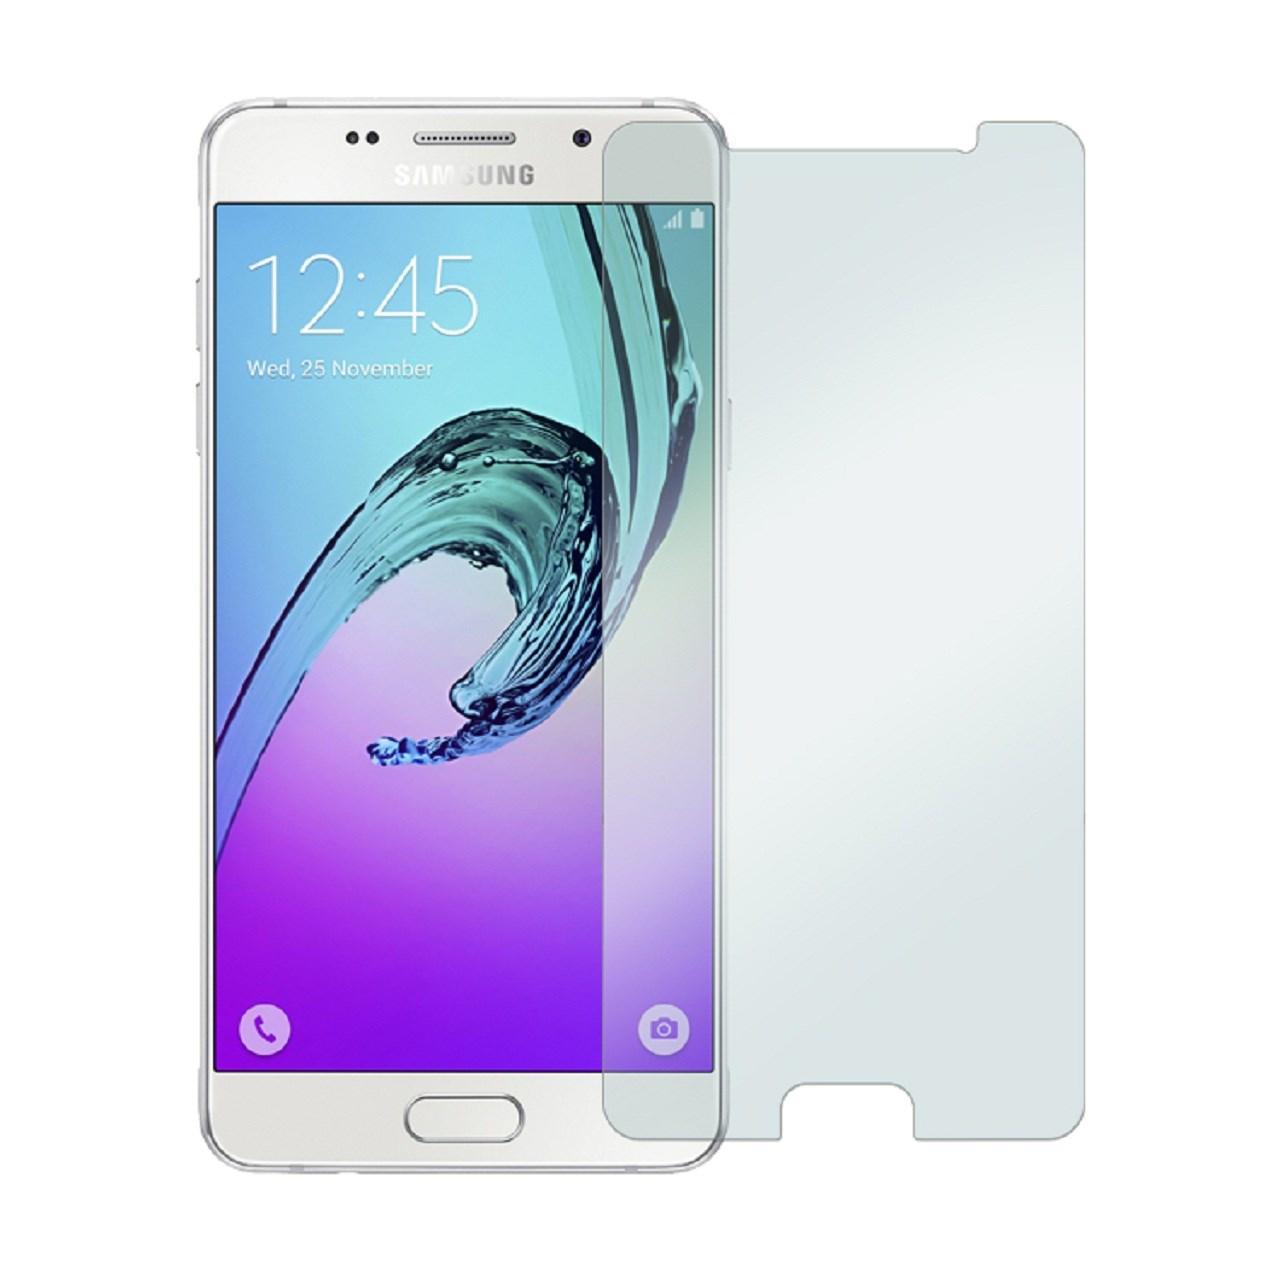 محافظ صفحه نمایش شیشه ای 9H مناسب برای گوشی موبایل سامسونگ Galaxy A5 2016